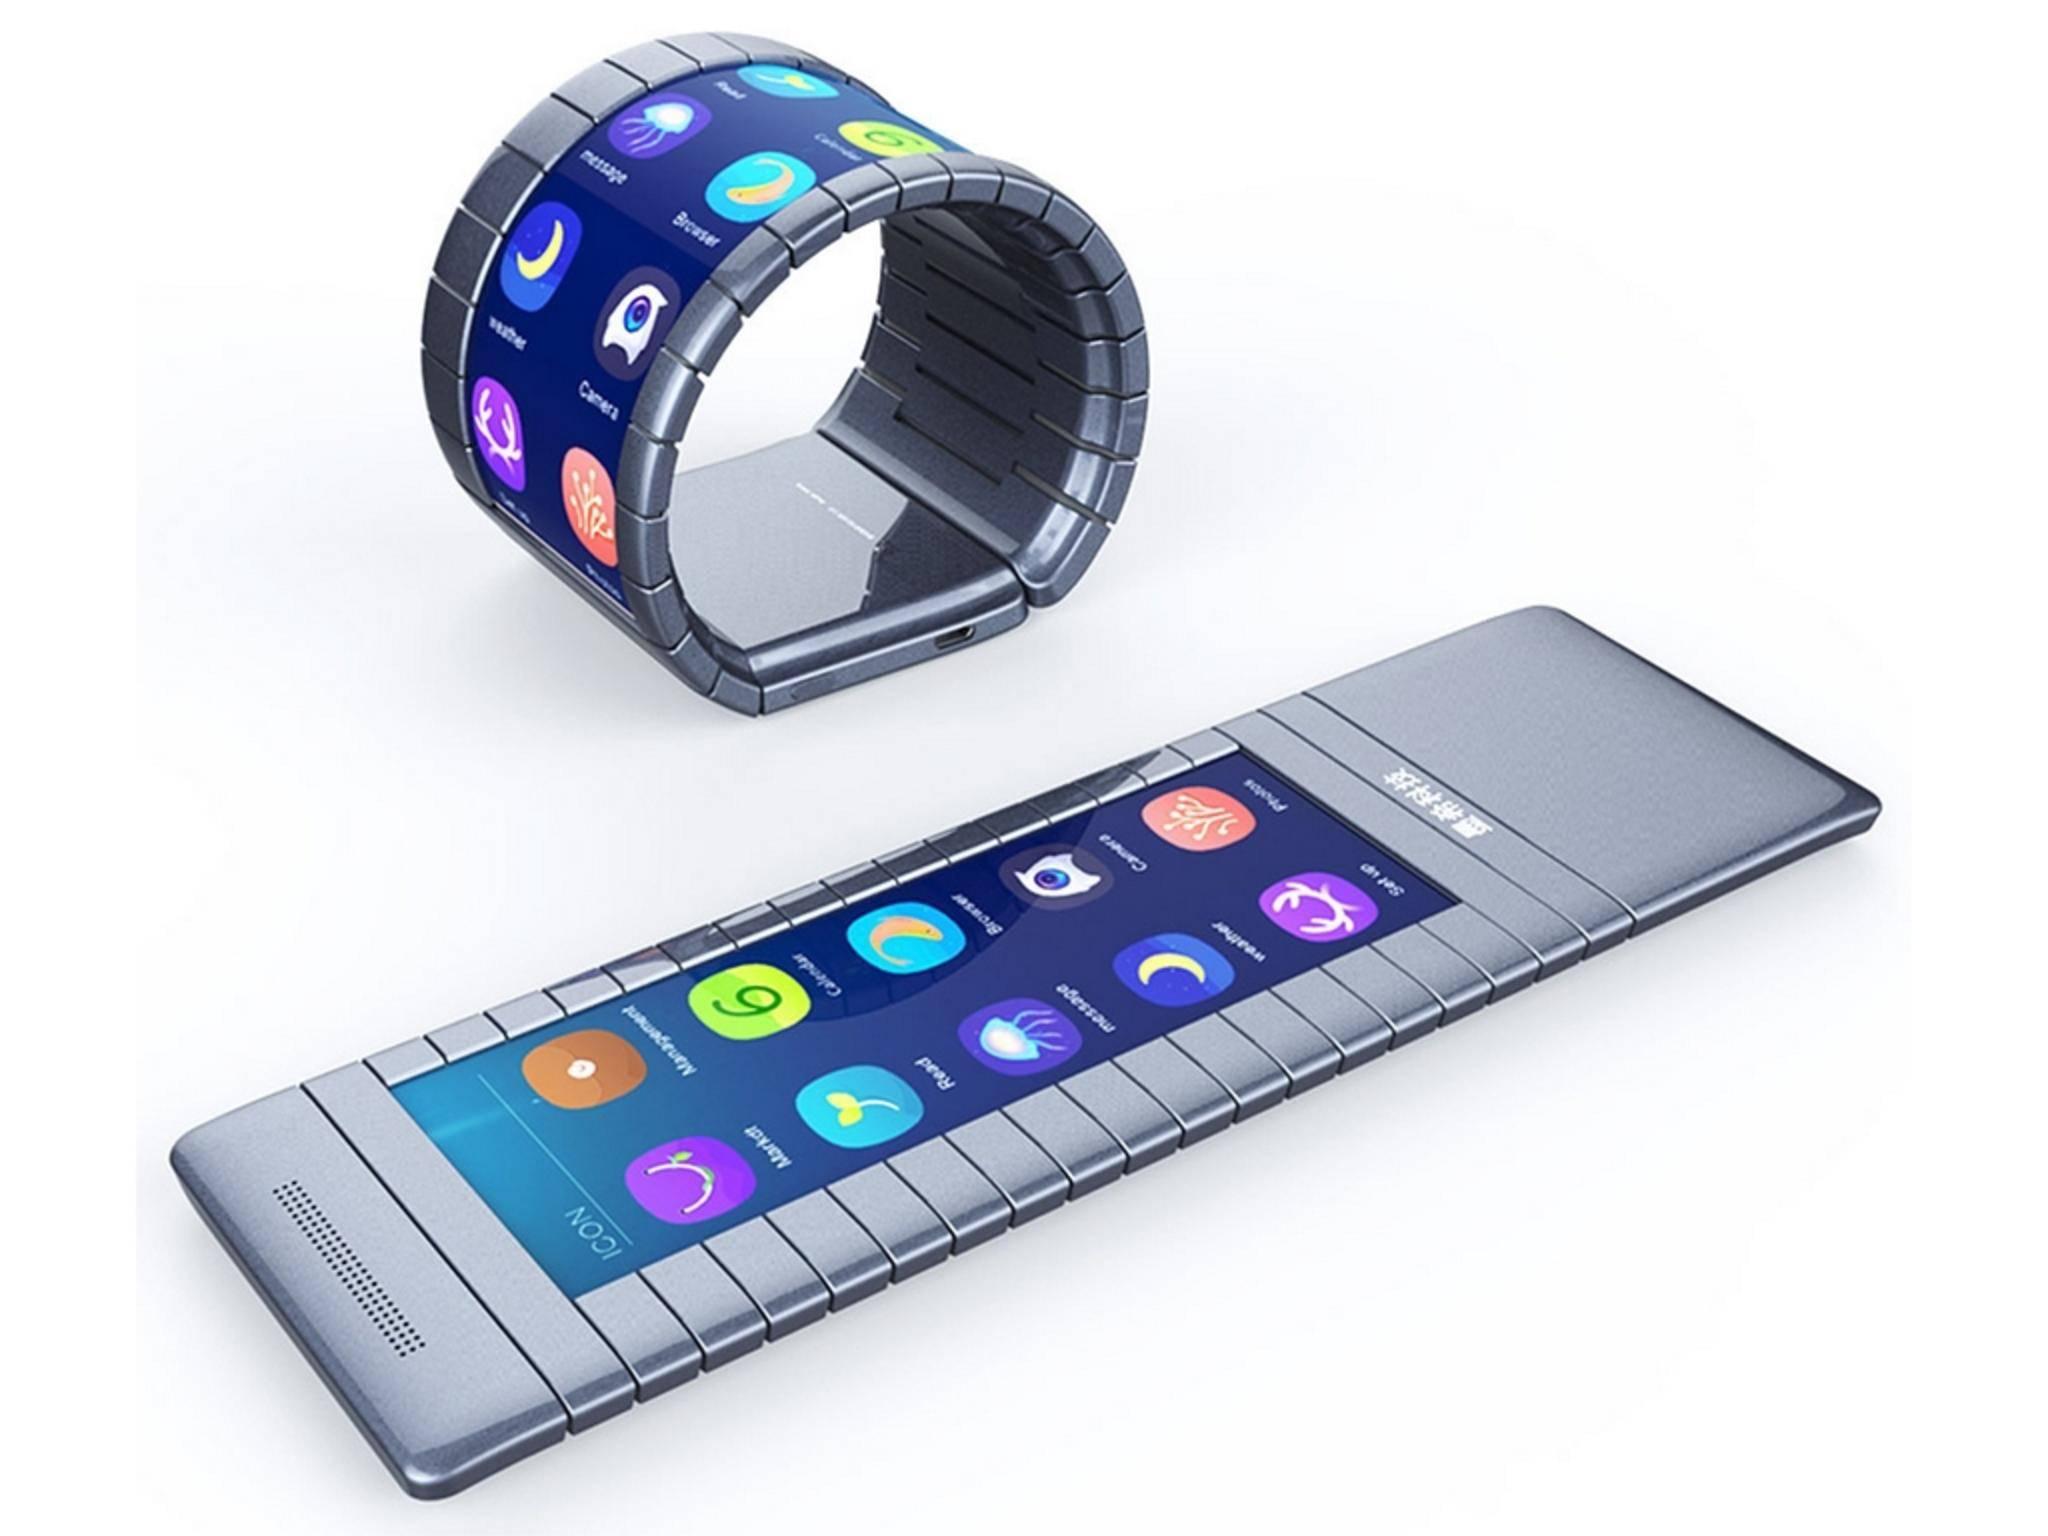 Das Moxi-Gerät wird das erste biegbare Smartphone sein.